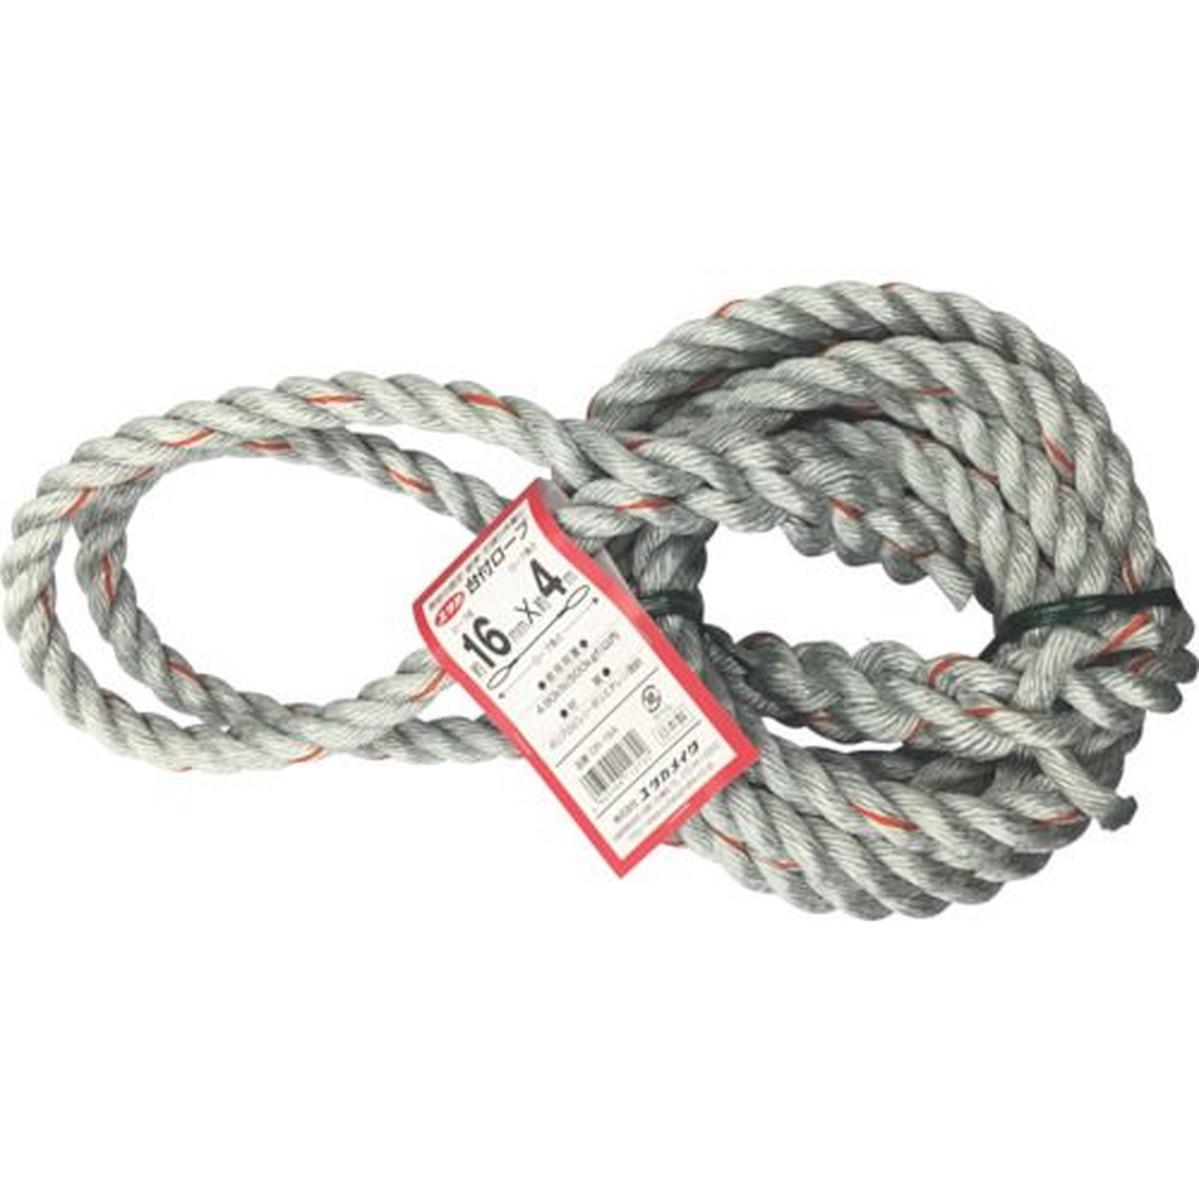 あす楽対応 DIY用品 値下げ ユタカメイク 台付ロープ PE 1本 16mmX4m 国内送料無料 PP混紡ロープ